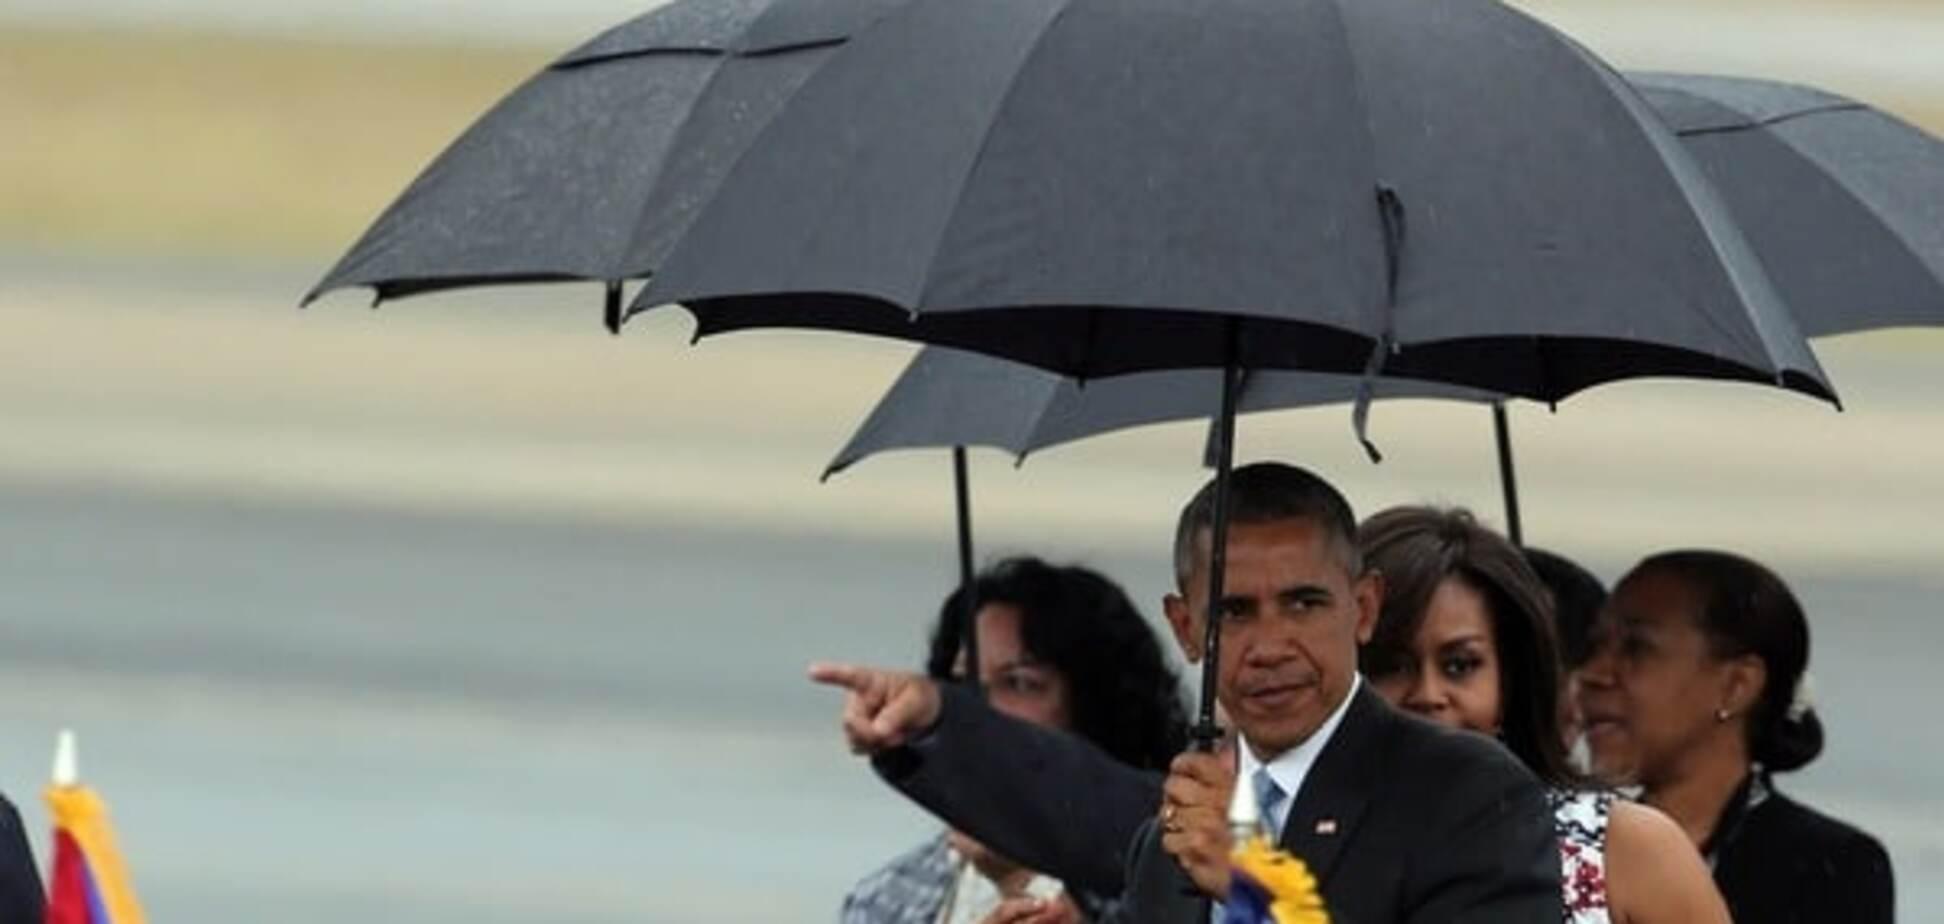 Візит століття: Обама відвідав Кубу